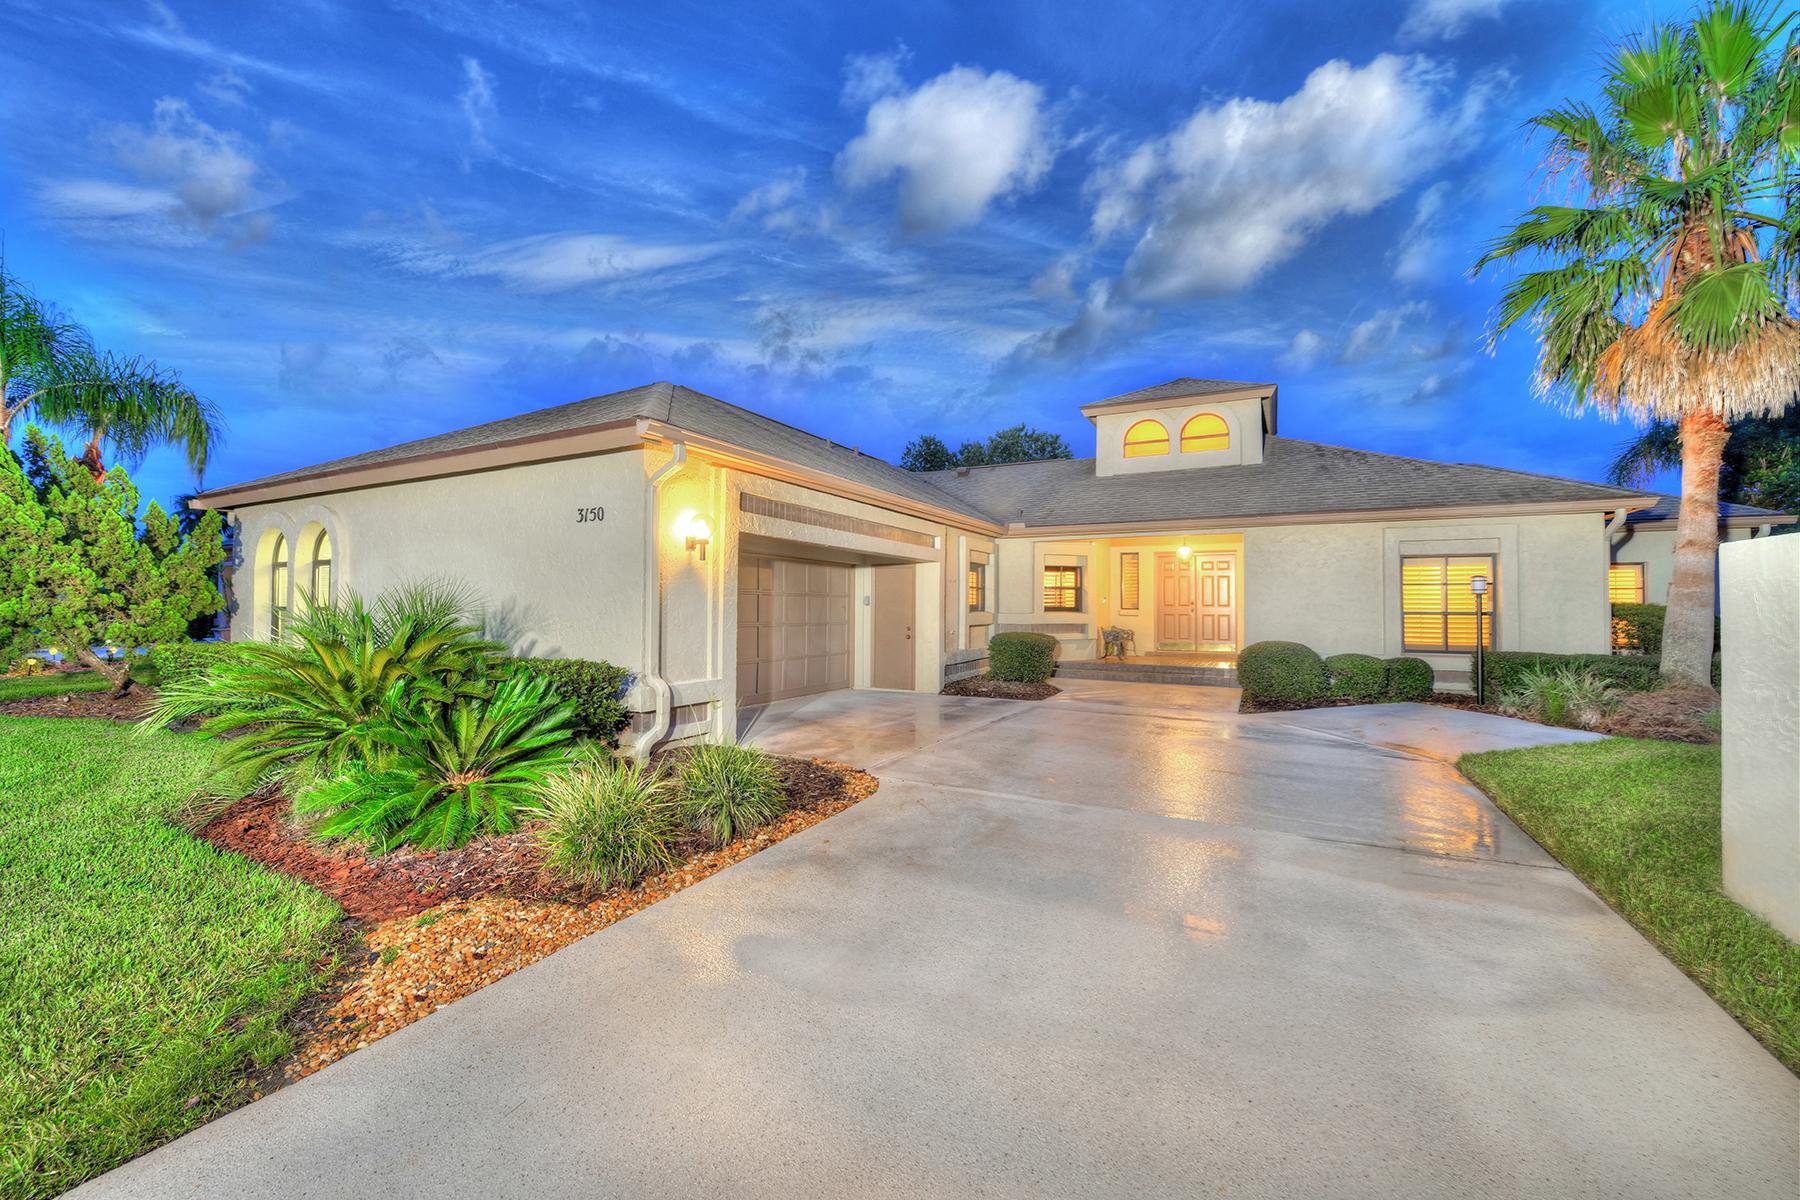 Maison unifamiliale pour l Vente à 3150 Doral Dr , Port Orange, FL 32128 3150 Doral Dr Port Orange, Florida 32128 États-Unis